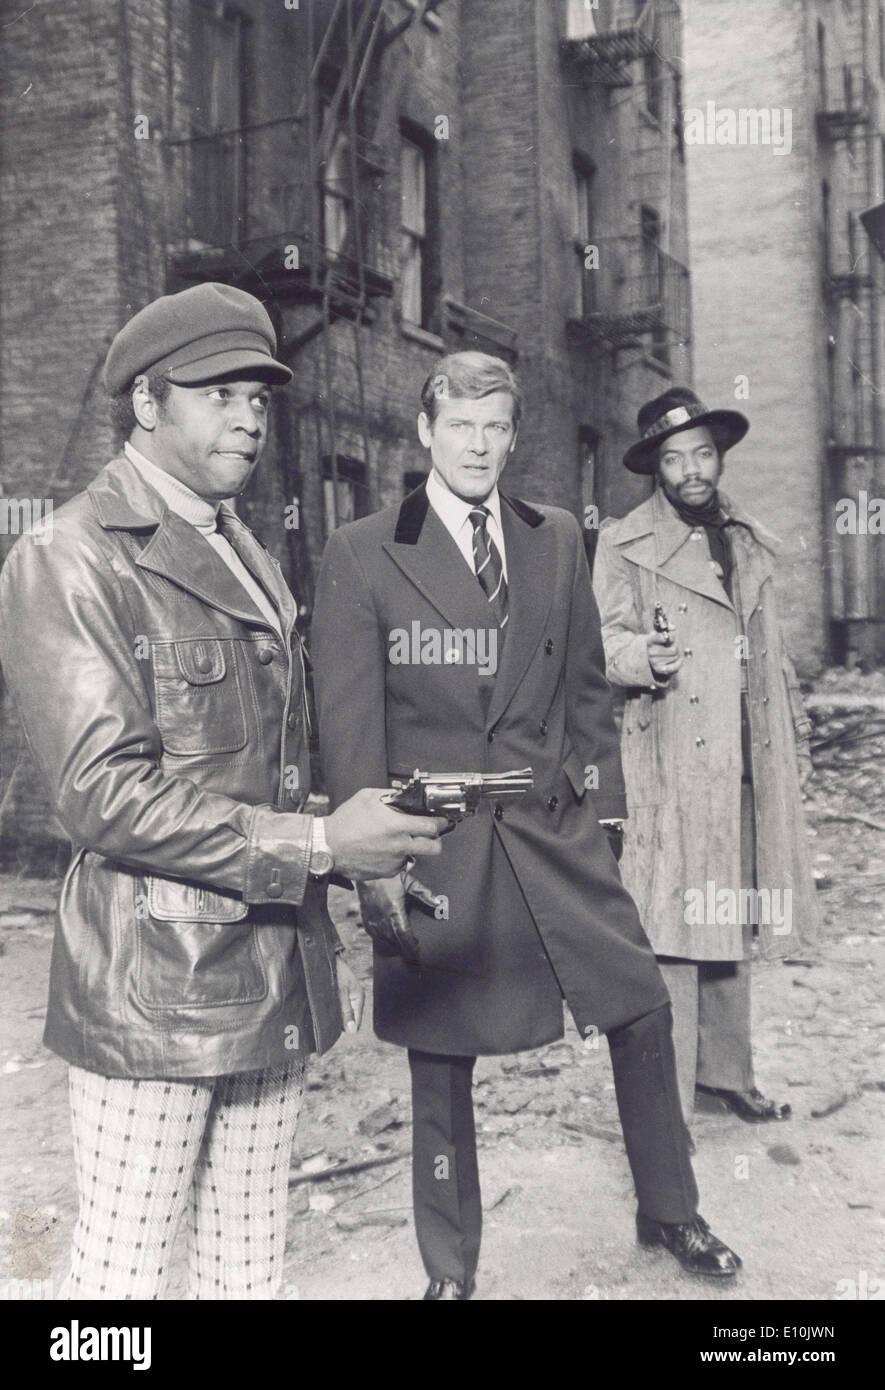 Attore Roger Moore sul set di James Bond Immagini Stock